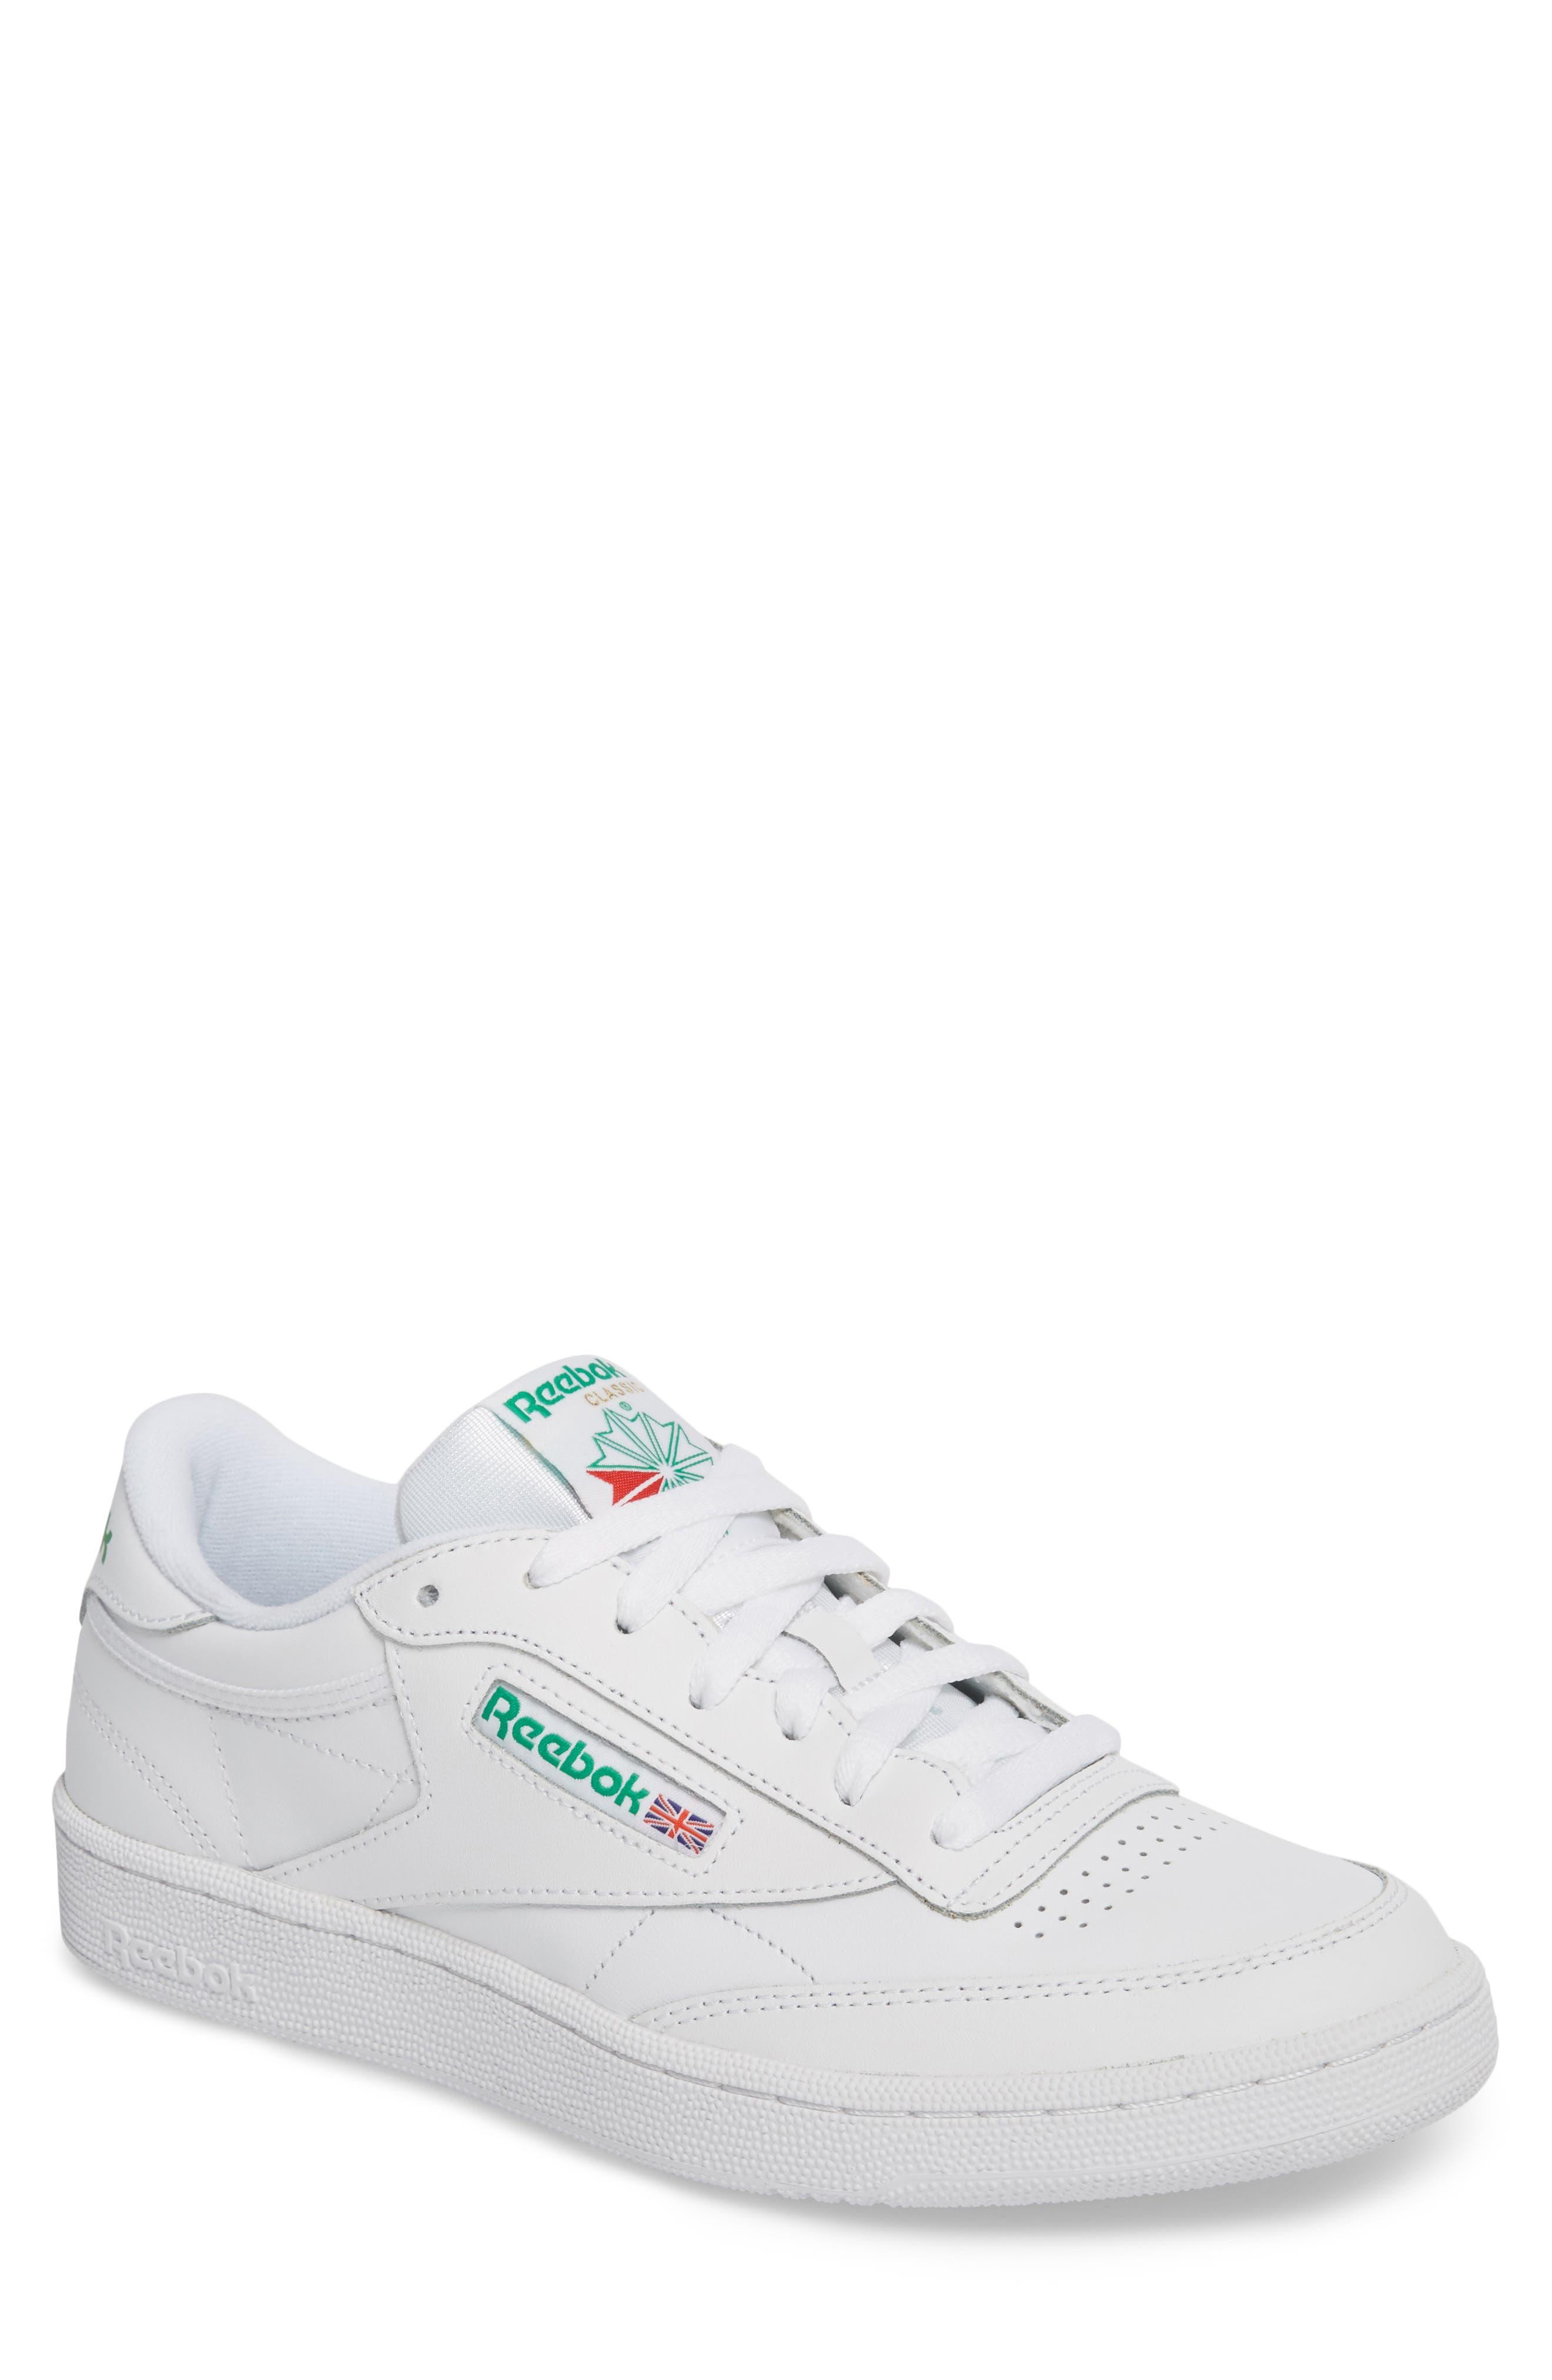 Club C 85 Sneaker,                         Main,                         color, White